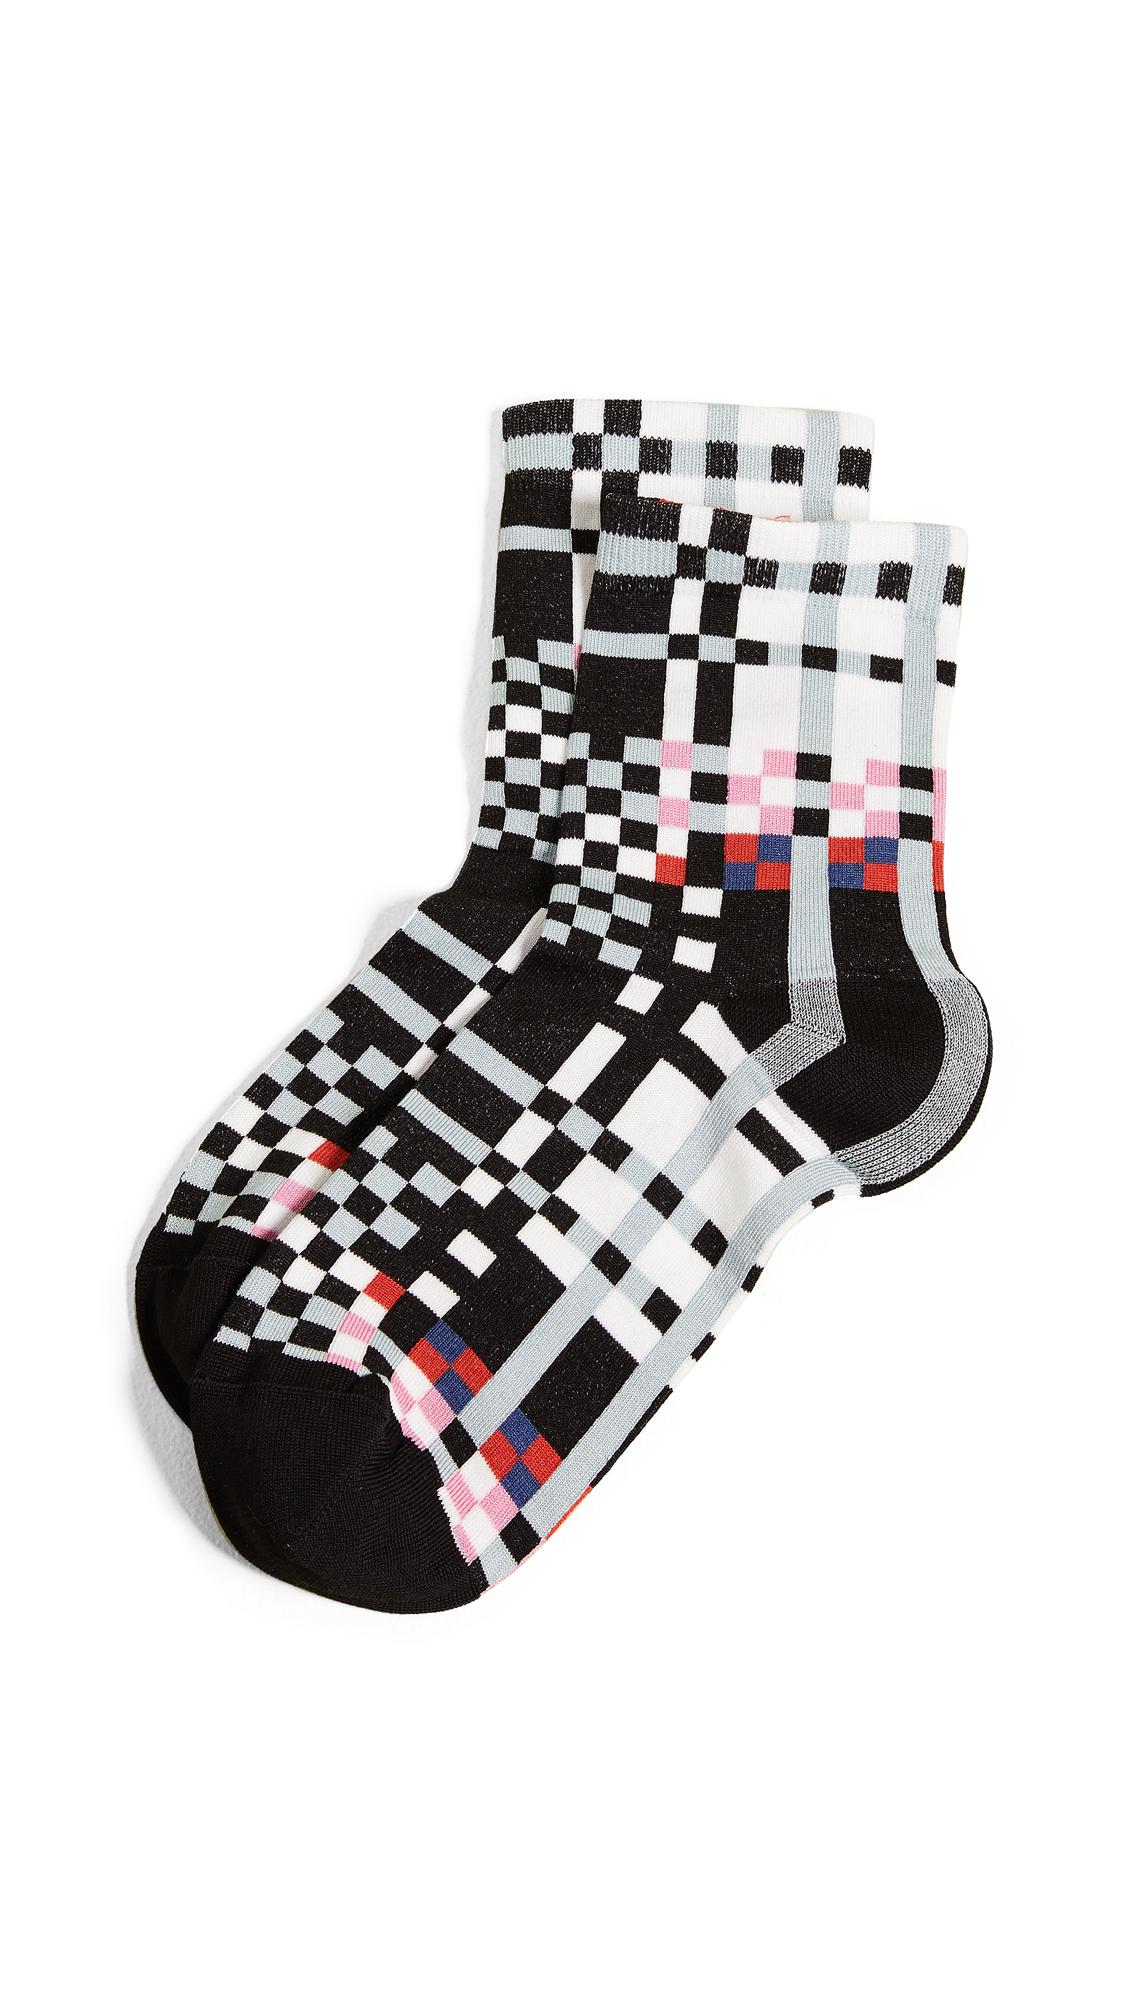 Hysteria Polly Ankle Socks In Black/Multi